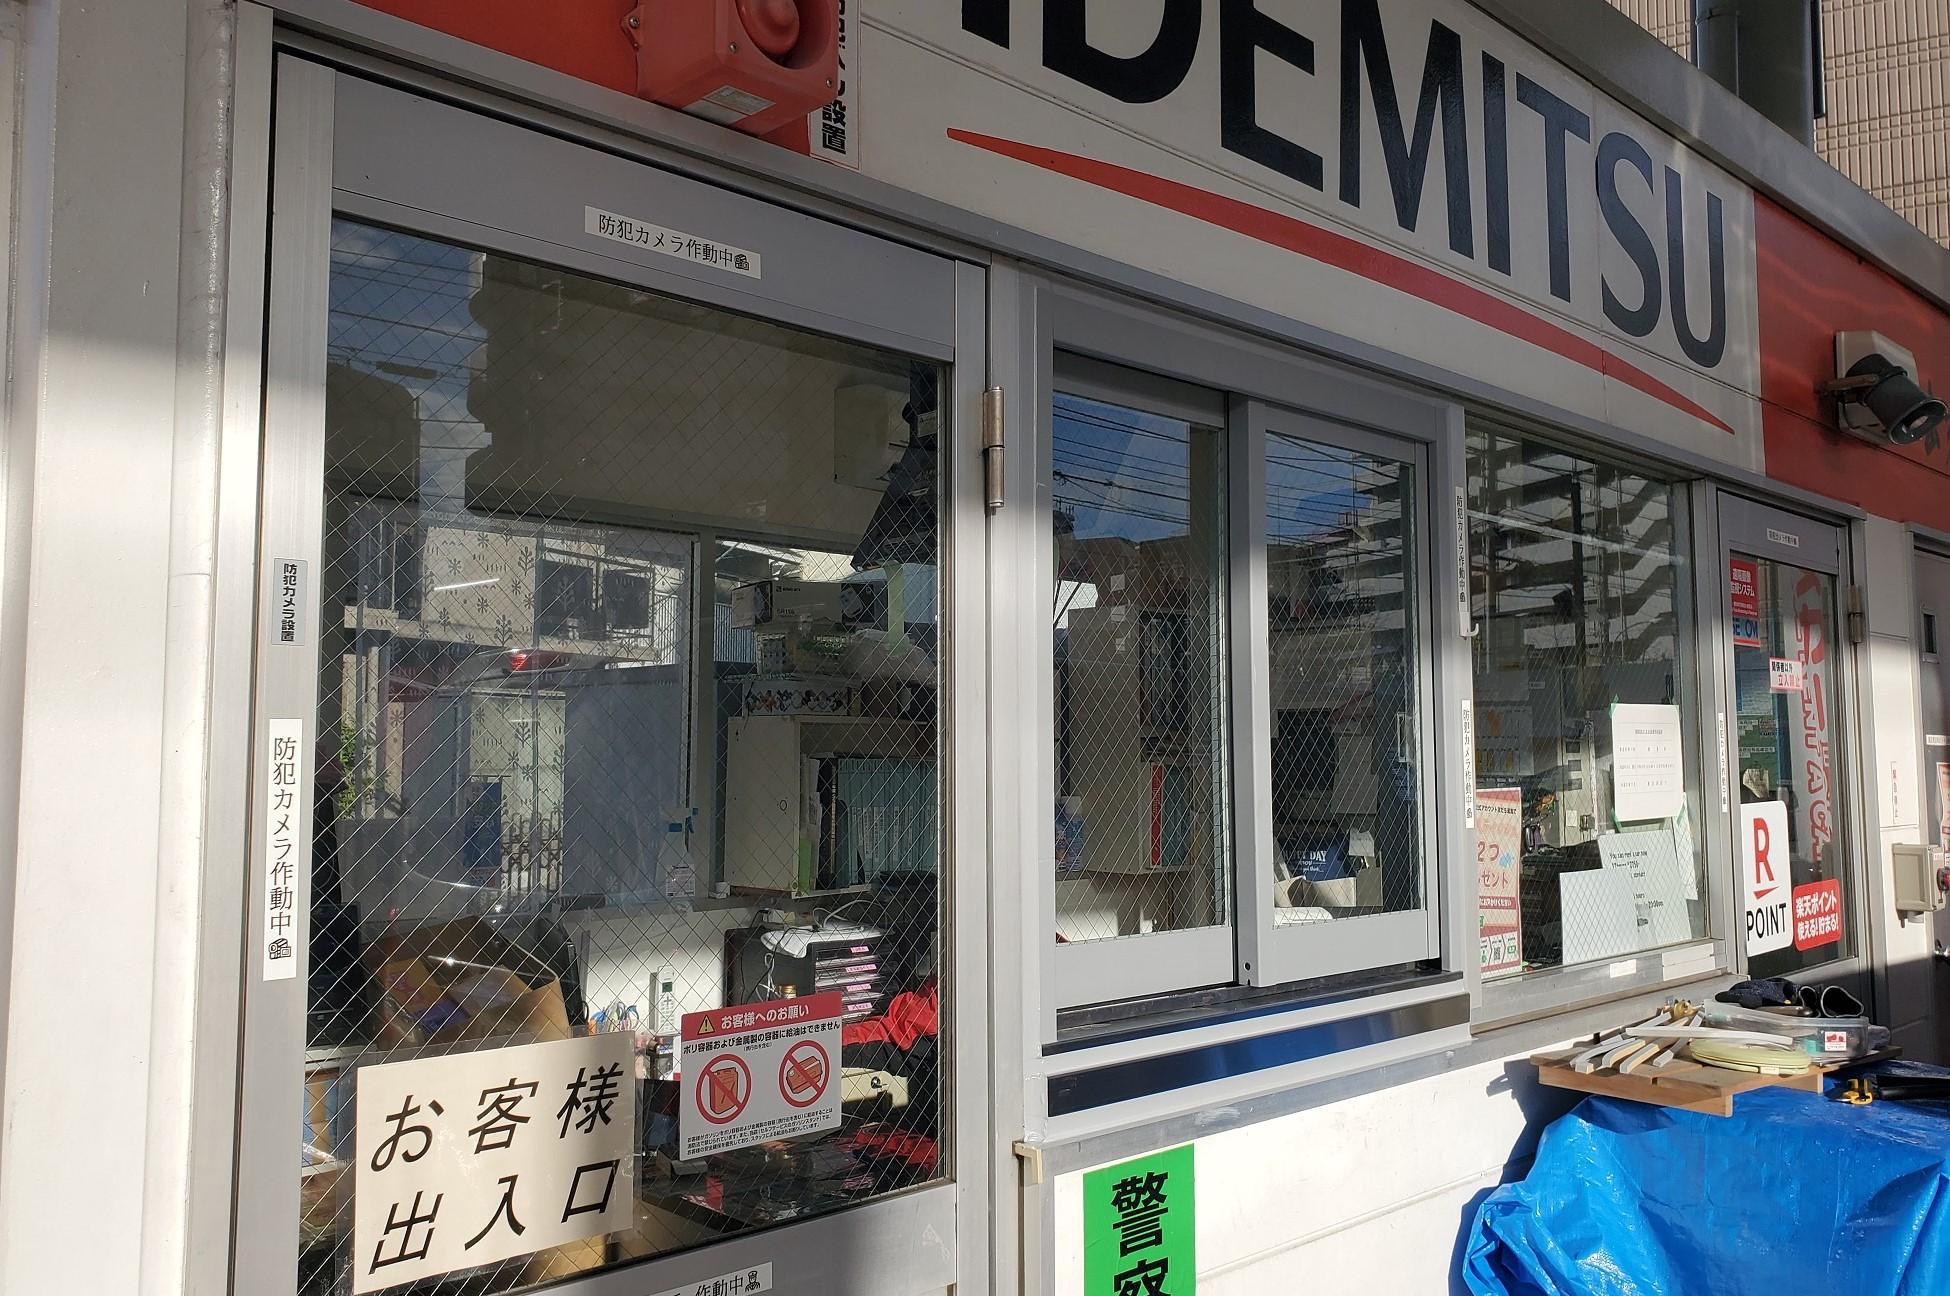 スチール製引き違い窓(防火設備)|東京都都内 某ガソリンスタンド様